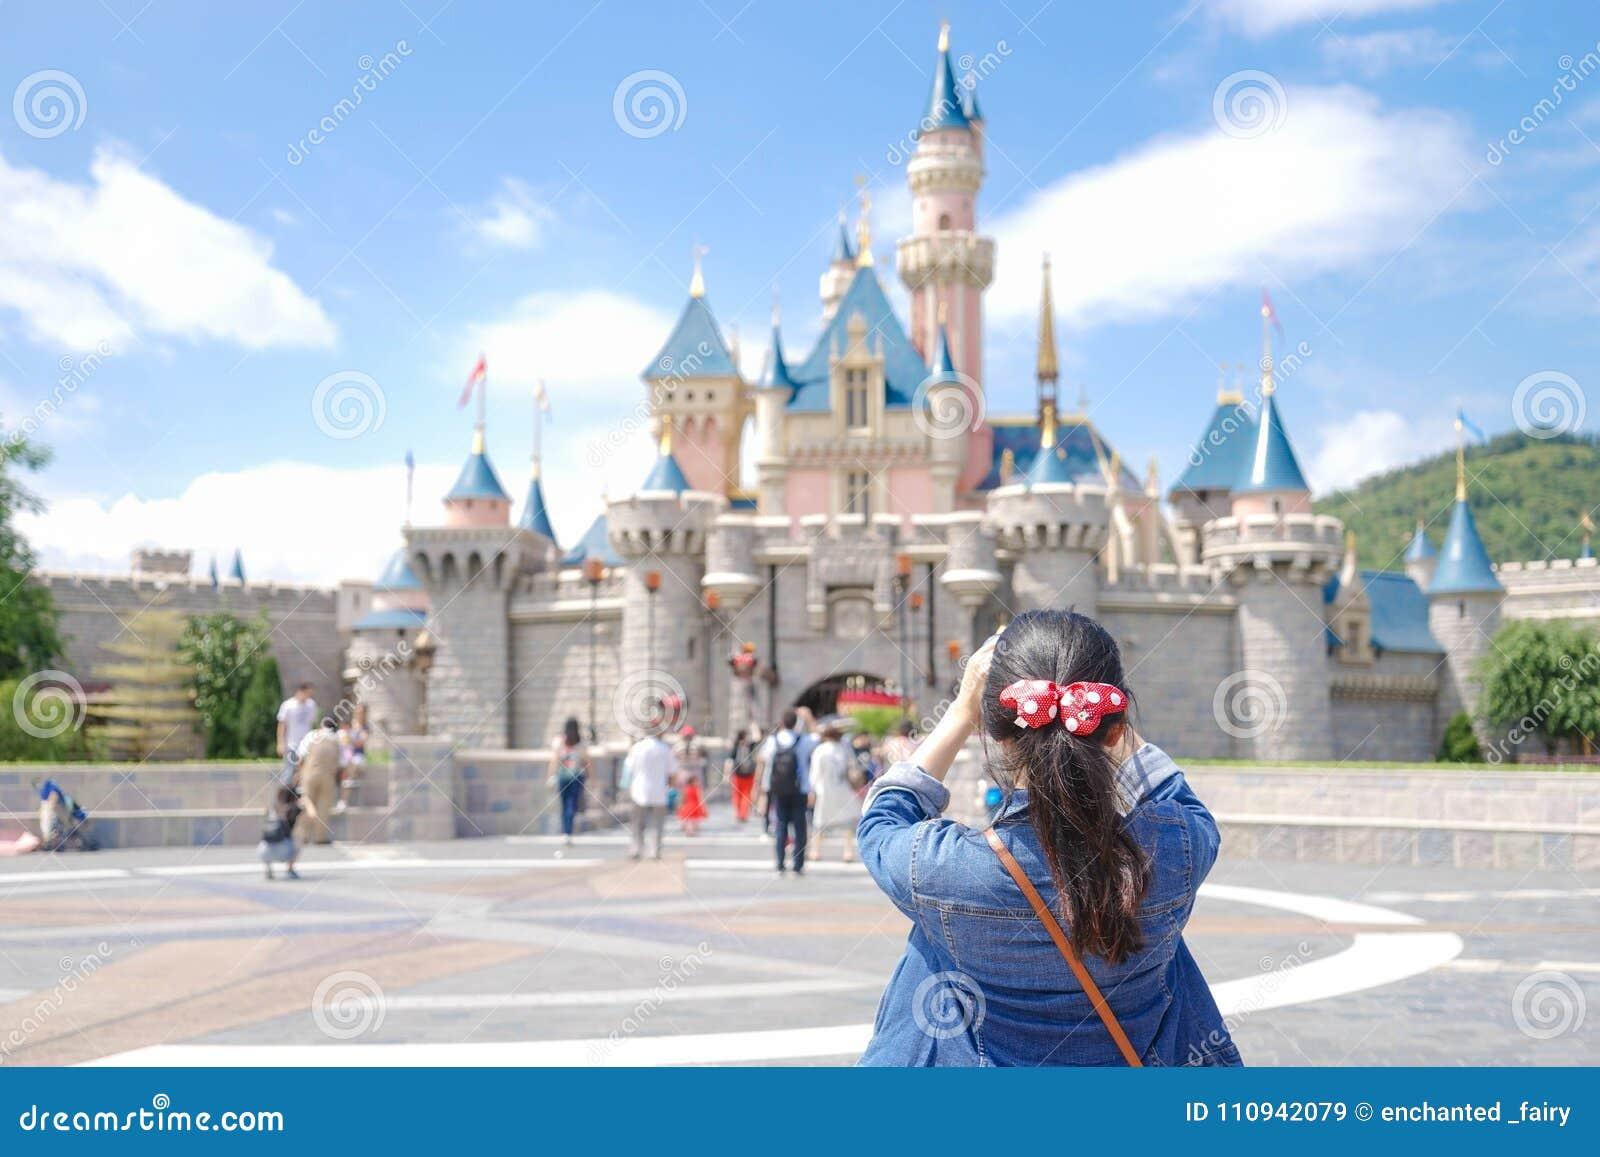 Азиатский турист принимает фото перед замком Диснейленда в Гонконге